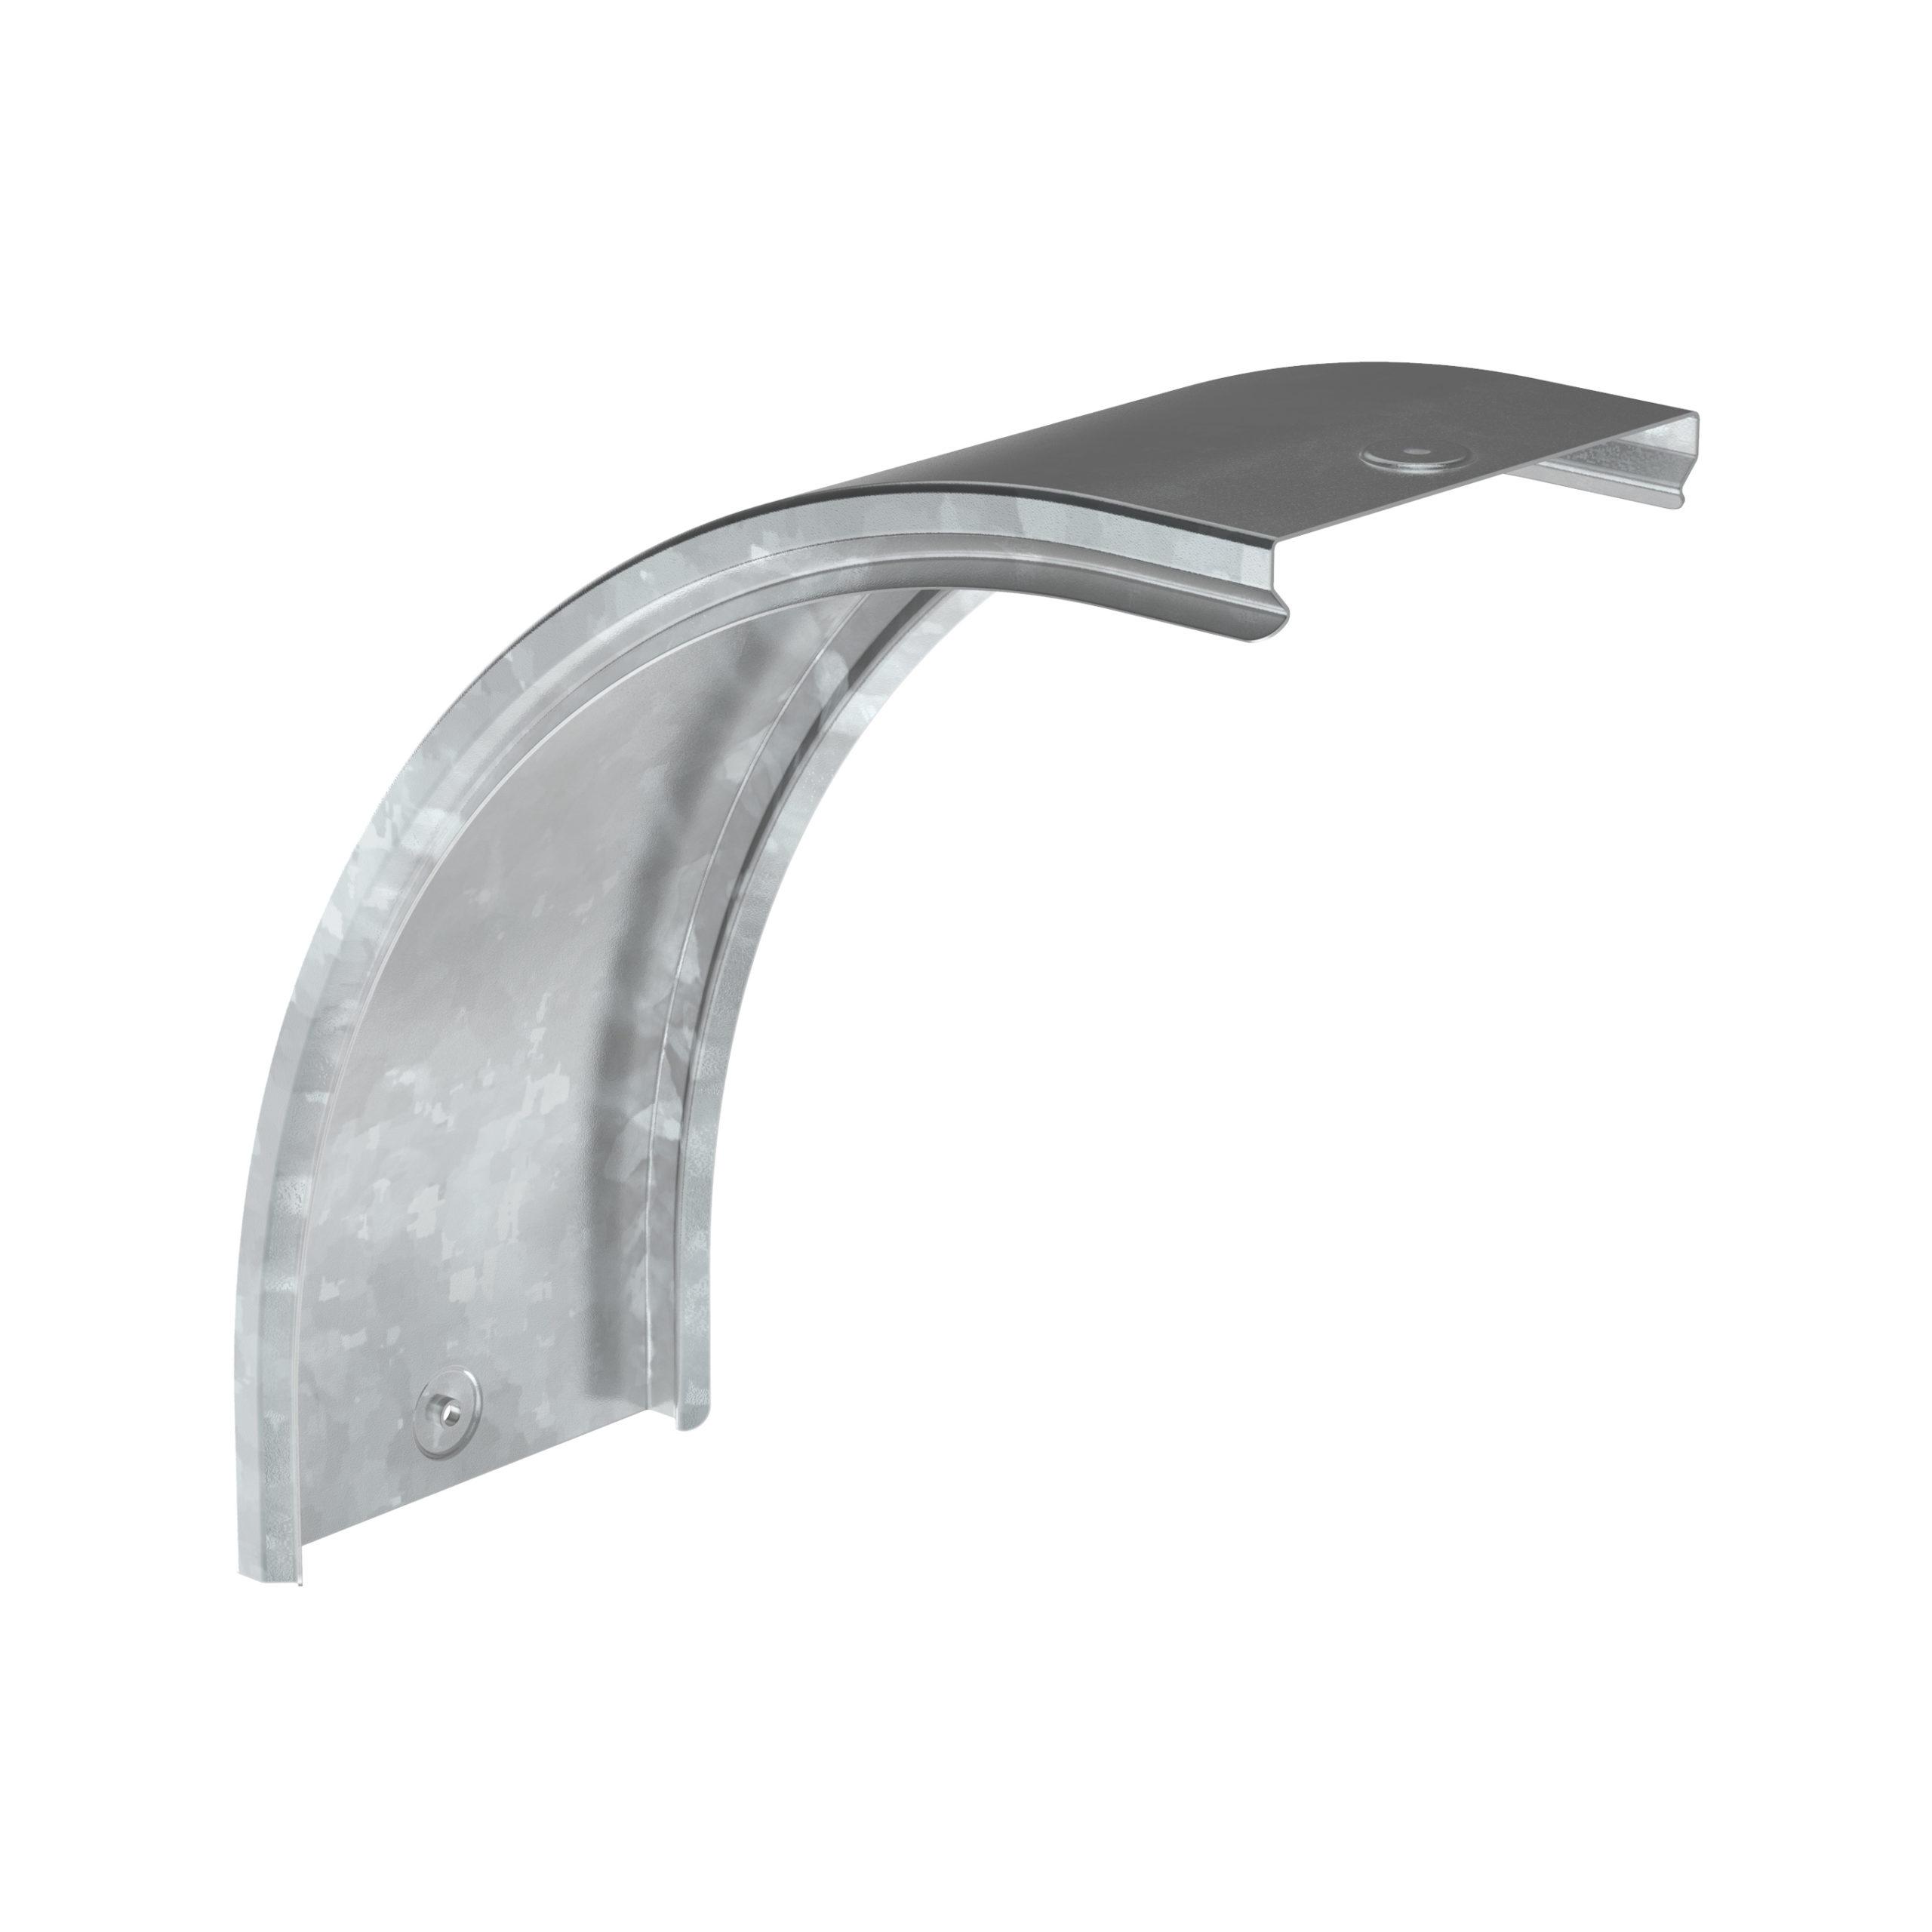 Крышка поворота плавного 90град вертикального внешнего (тип В20) ESCA 100мм HDZ IEK 1